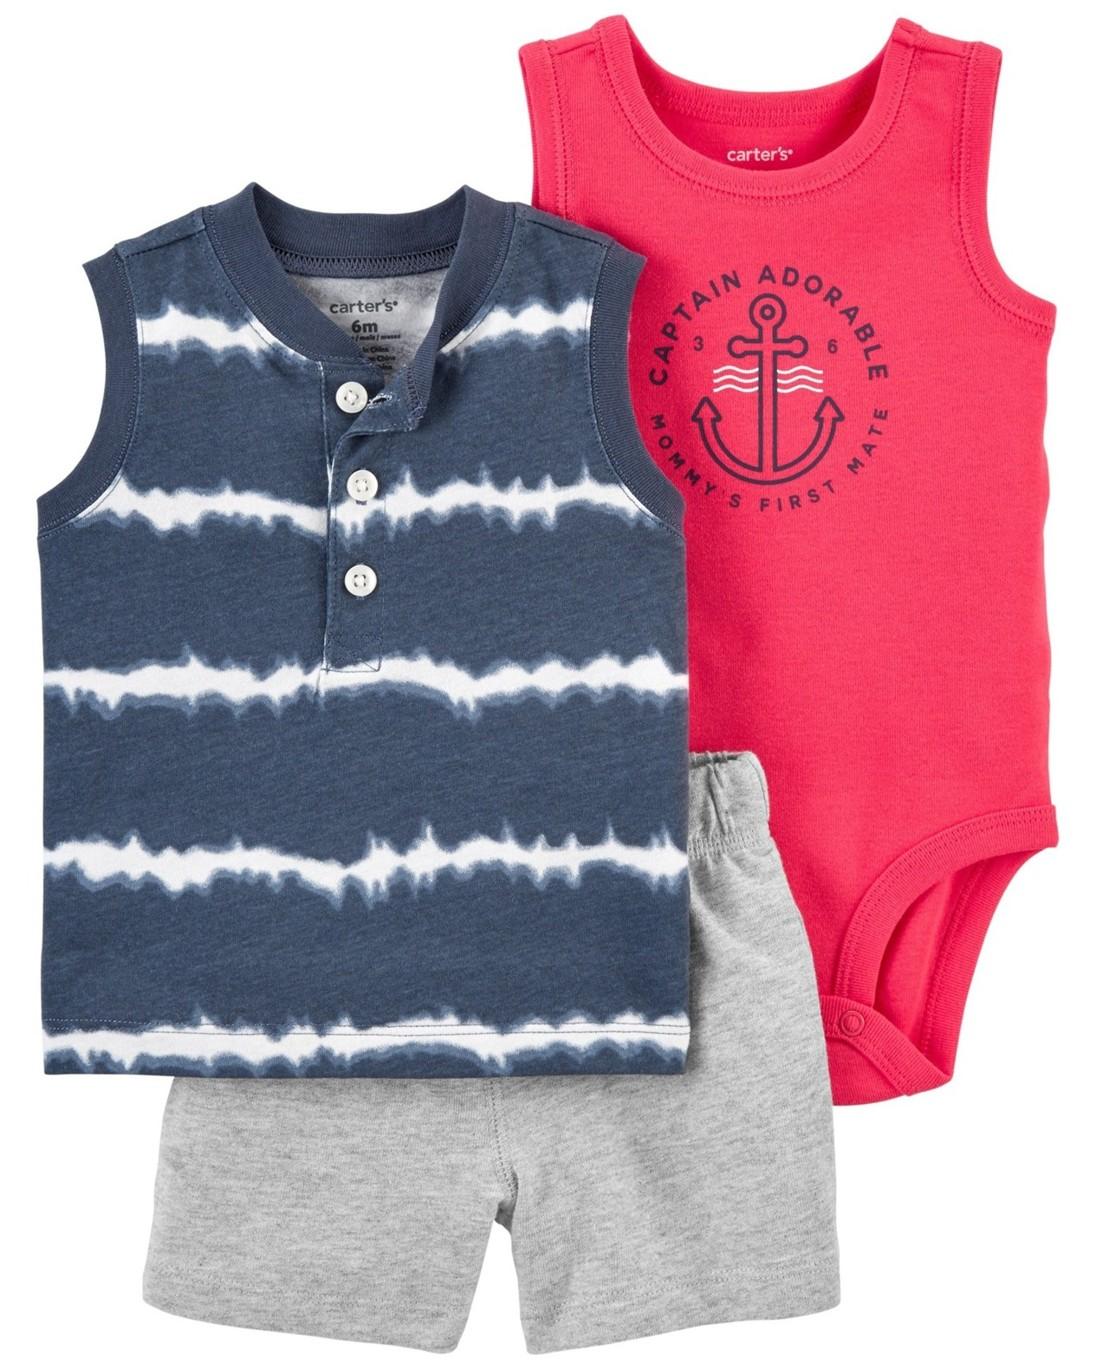 CARTER'S Set 3dielny body tielko, tričko bez rukávov, nohavice kr. Blue Tie chlapec 3 m, veľ. 62